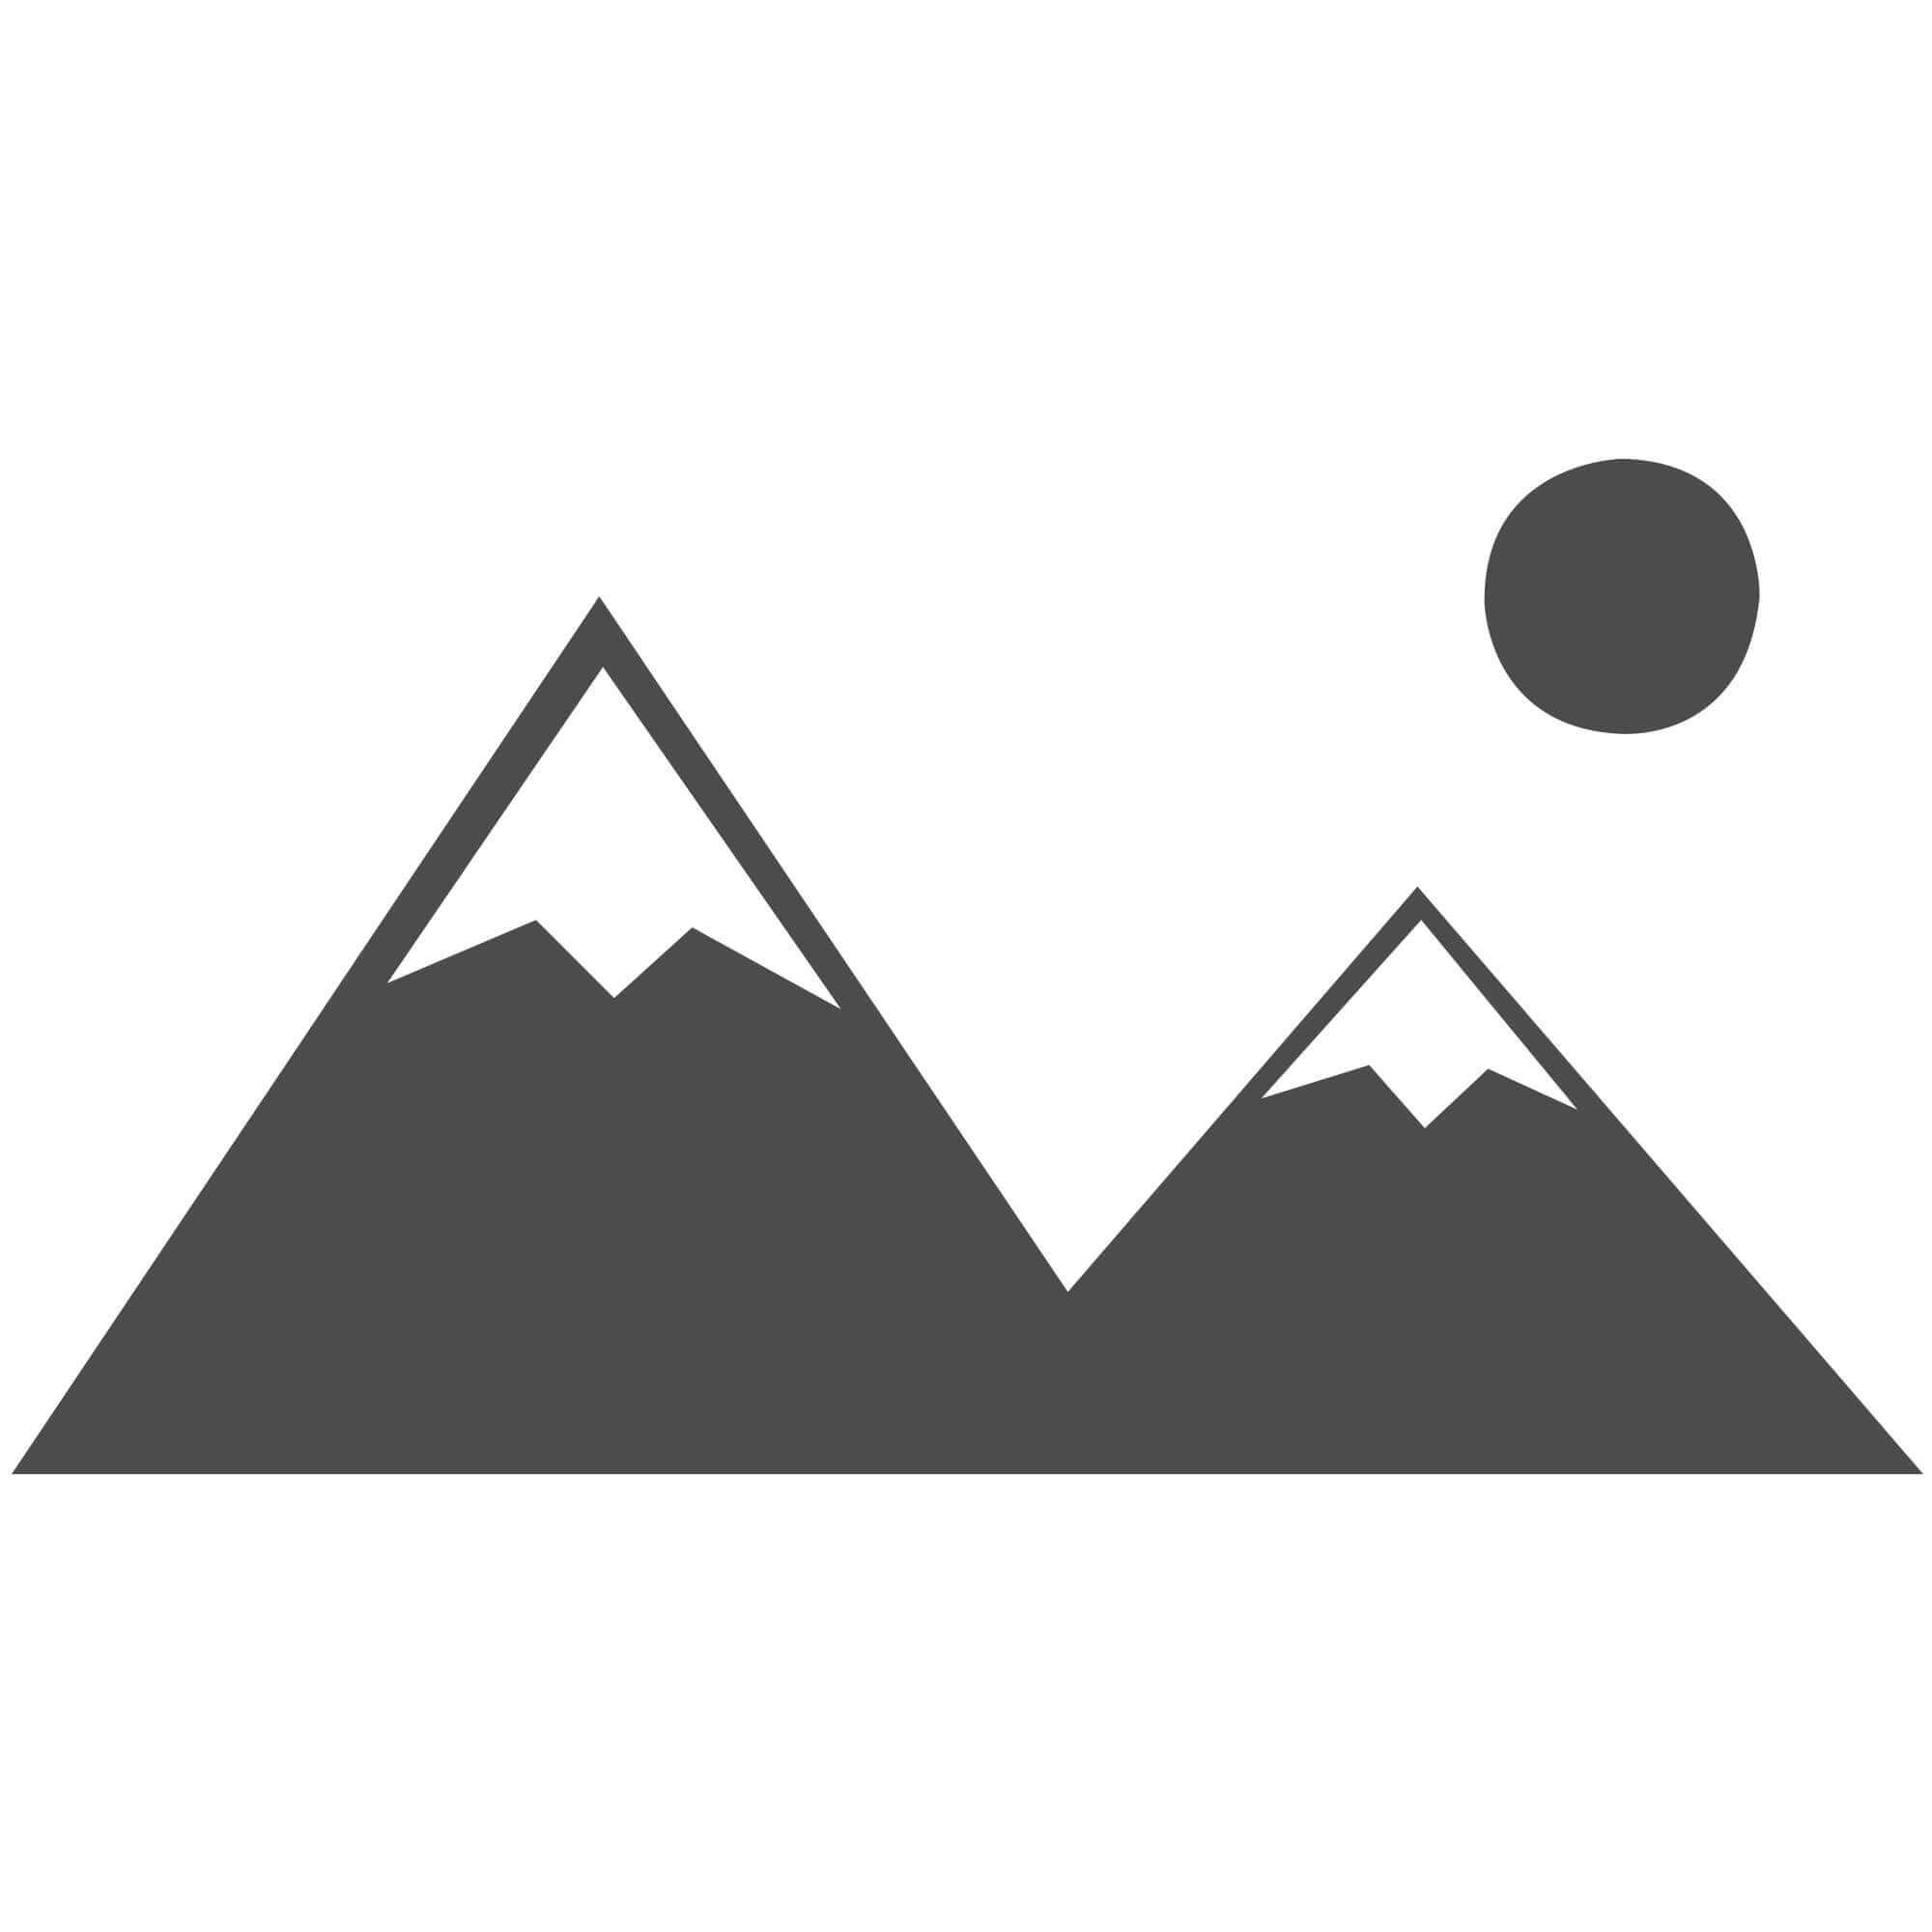 21oz Softface Hammer (BH-62-531)